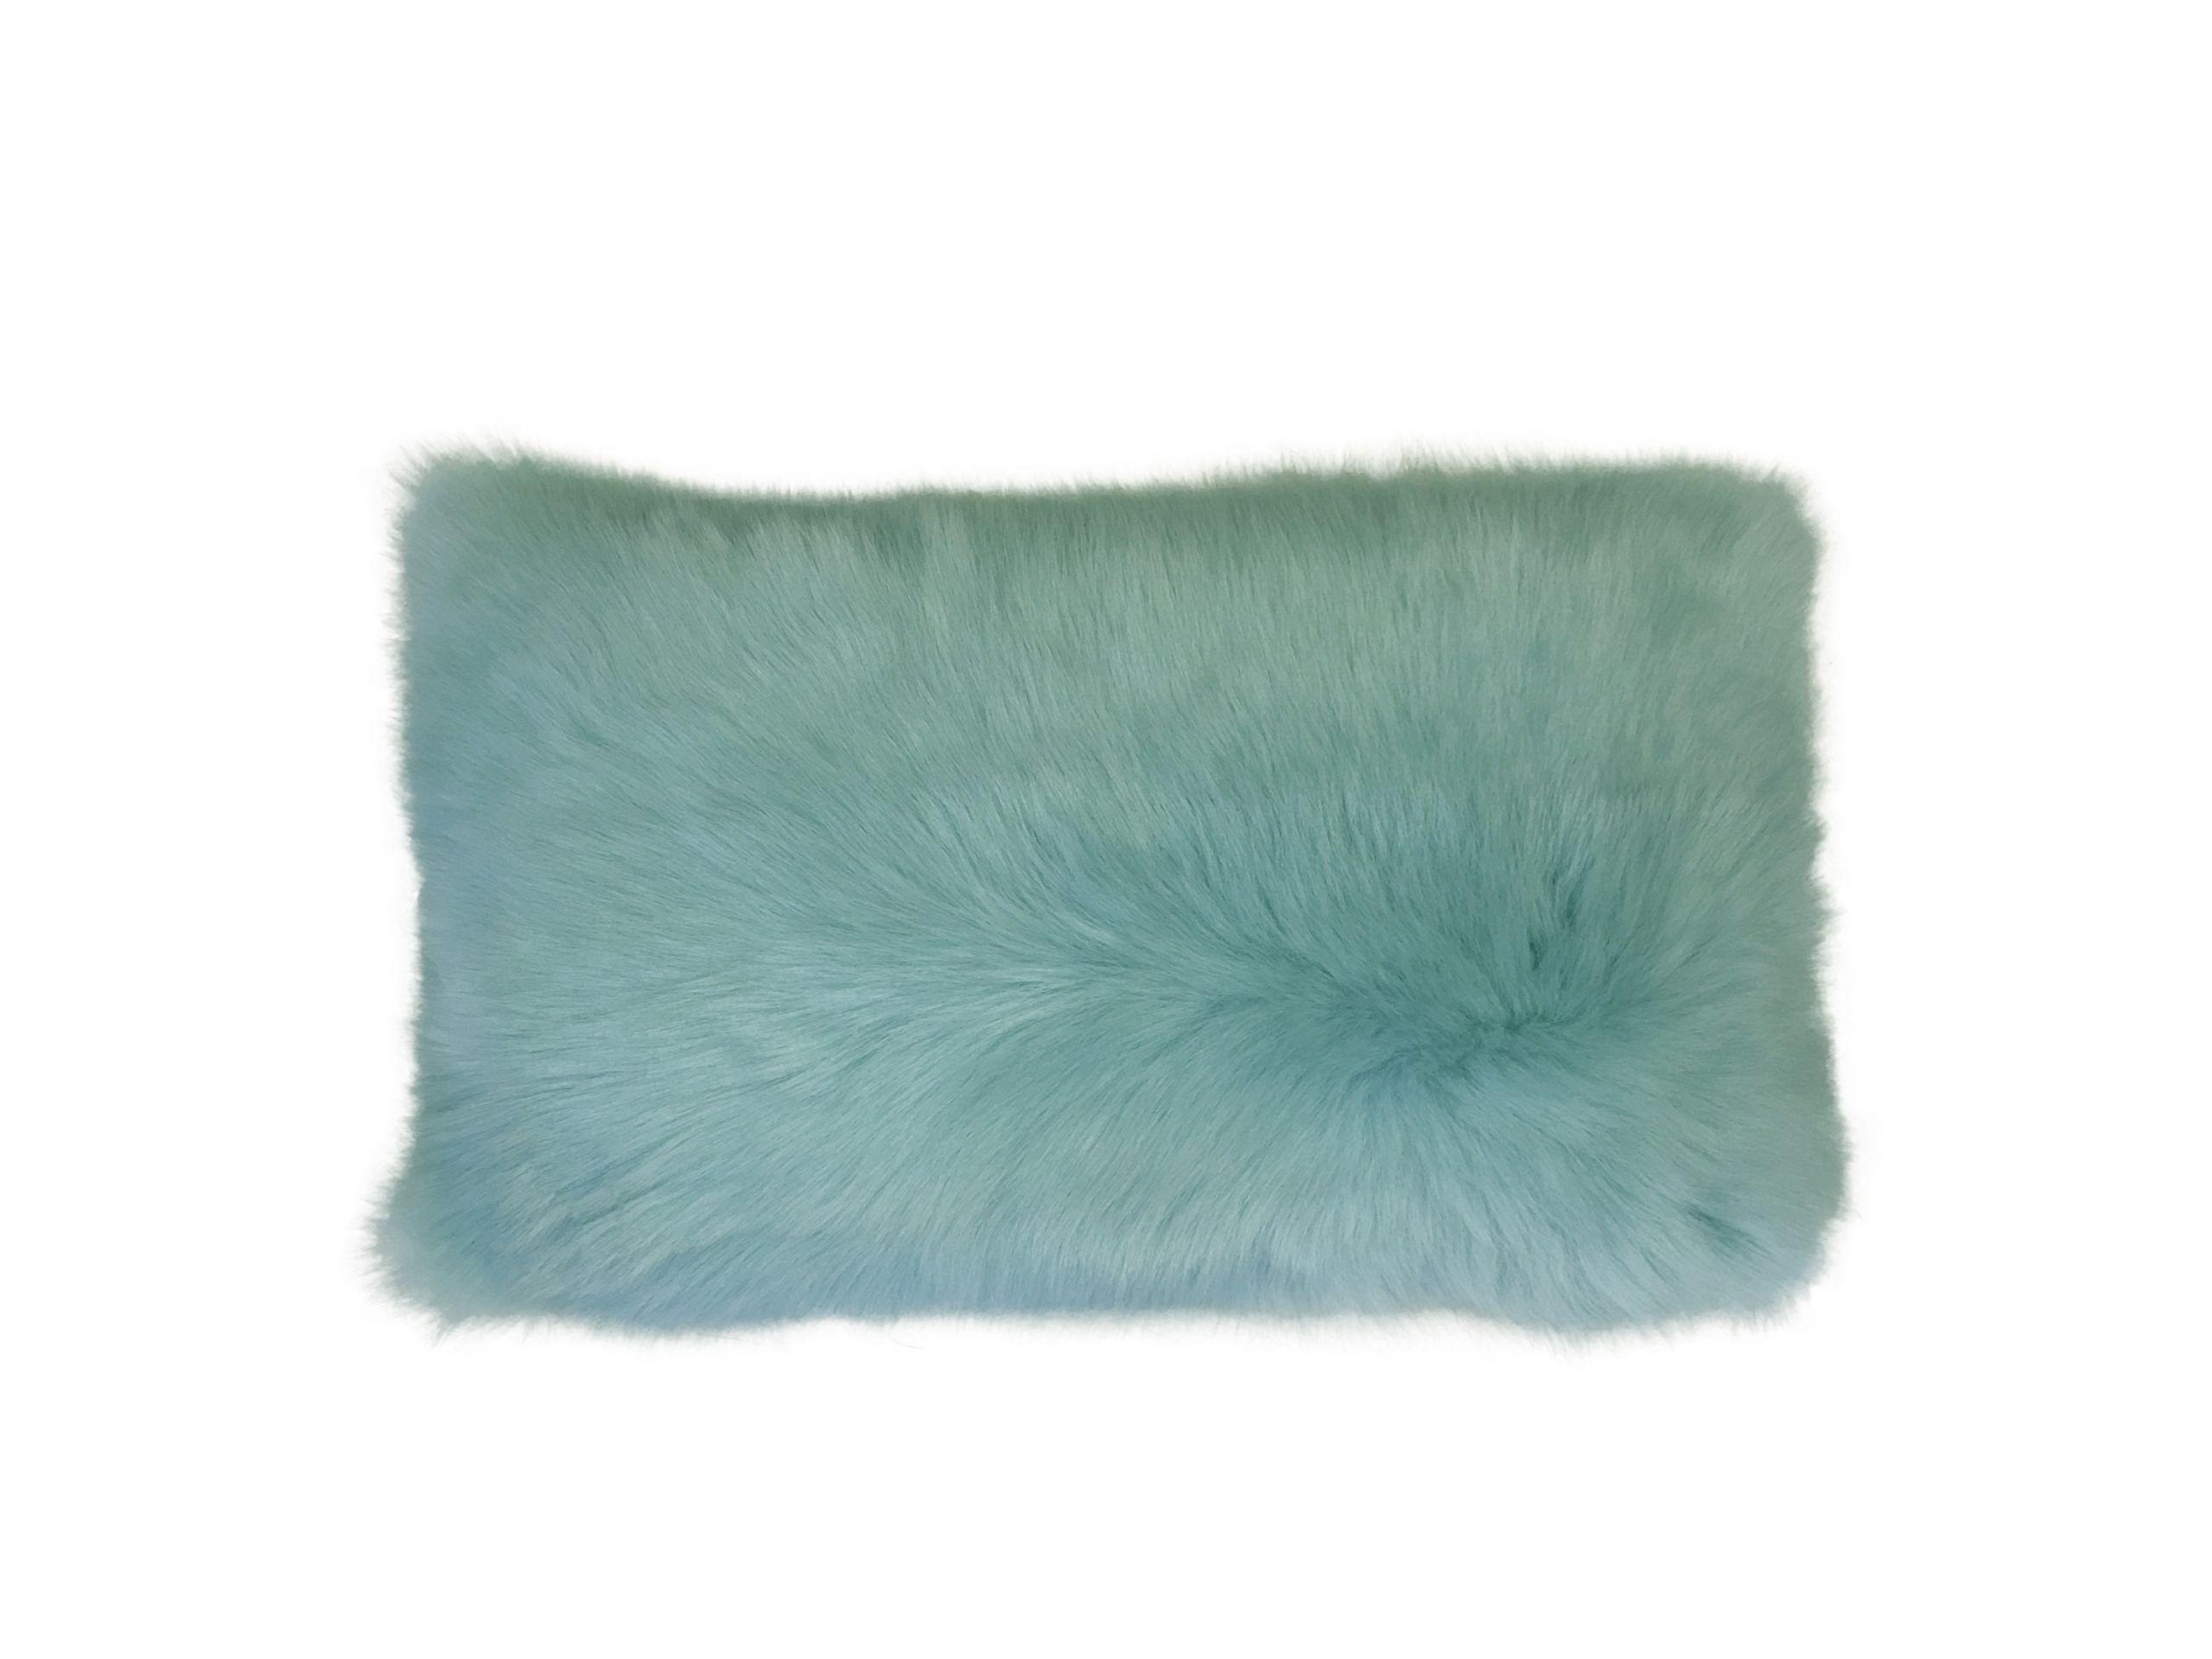 Shearling Pillow-Aqua-30x50cm_SPAQUS3143050 - ANVOGG FEEL SHEARLING | ANVOGG